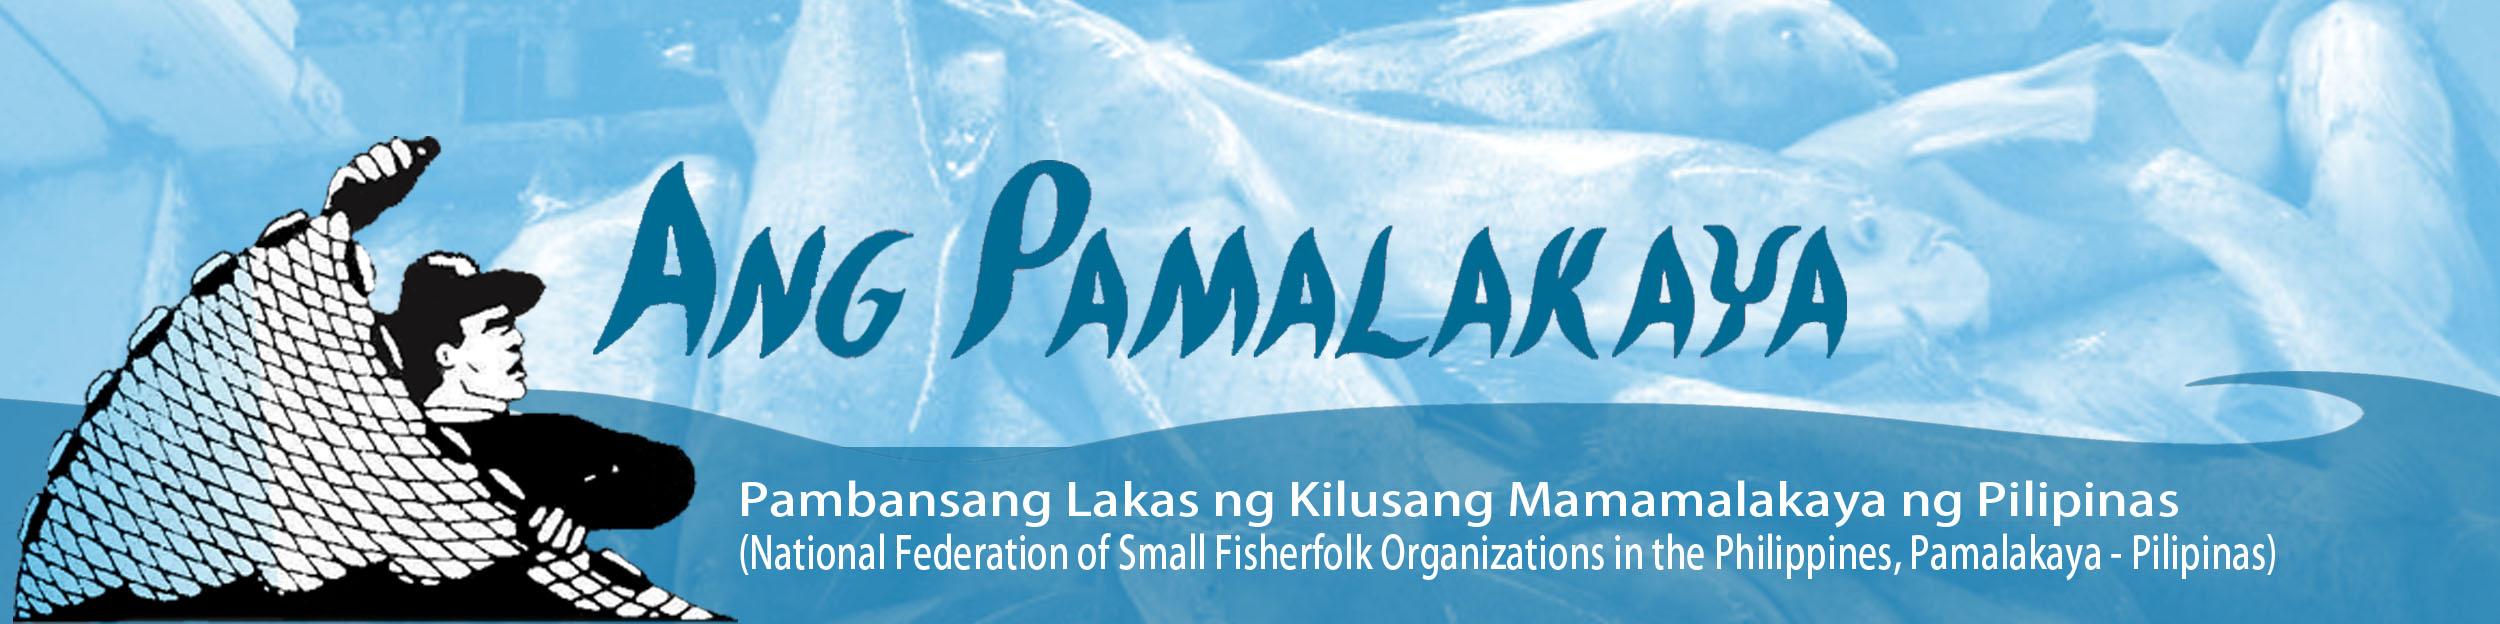 Ang Pamalakaya